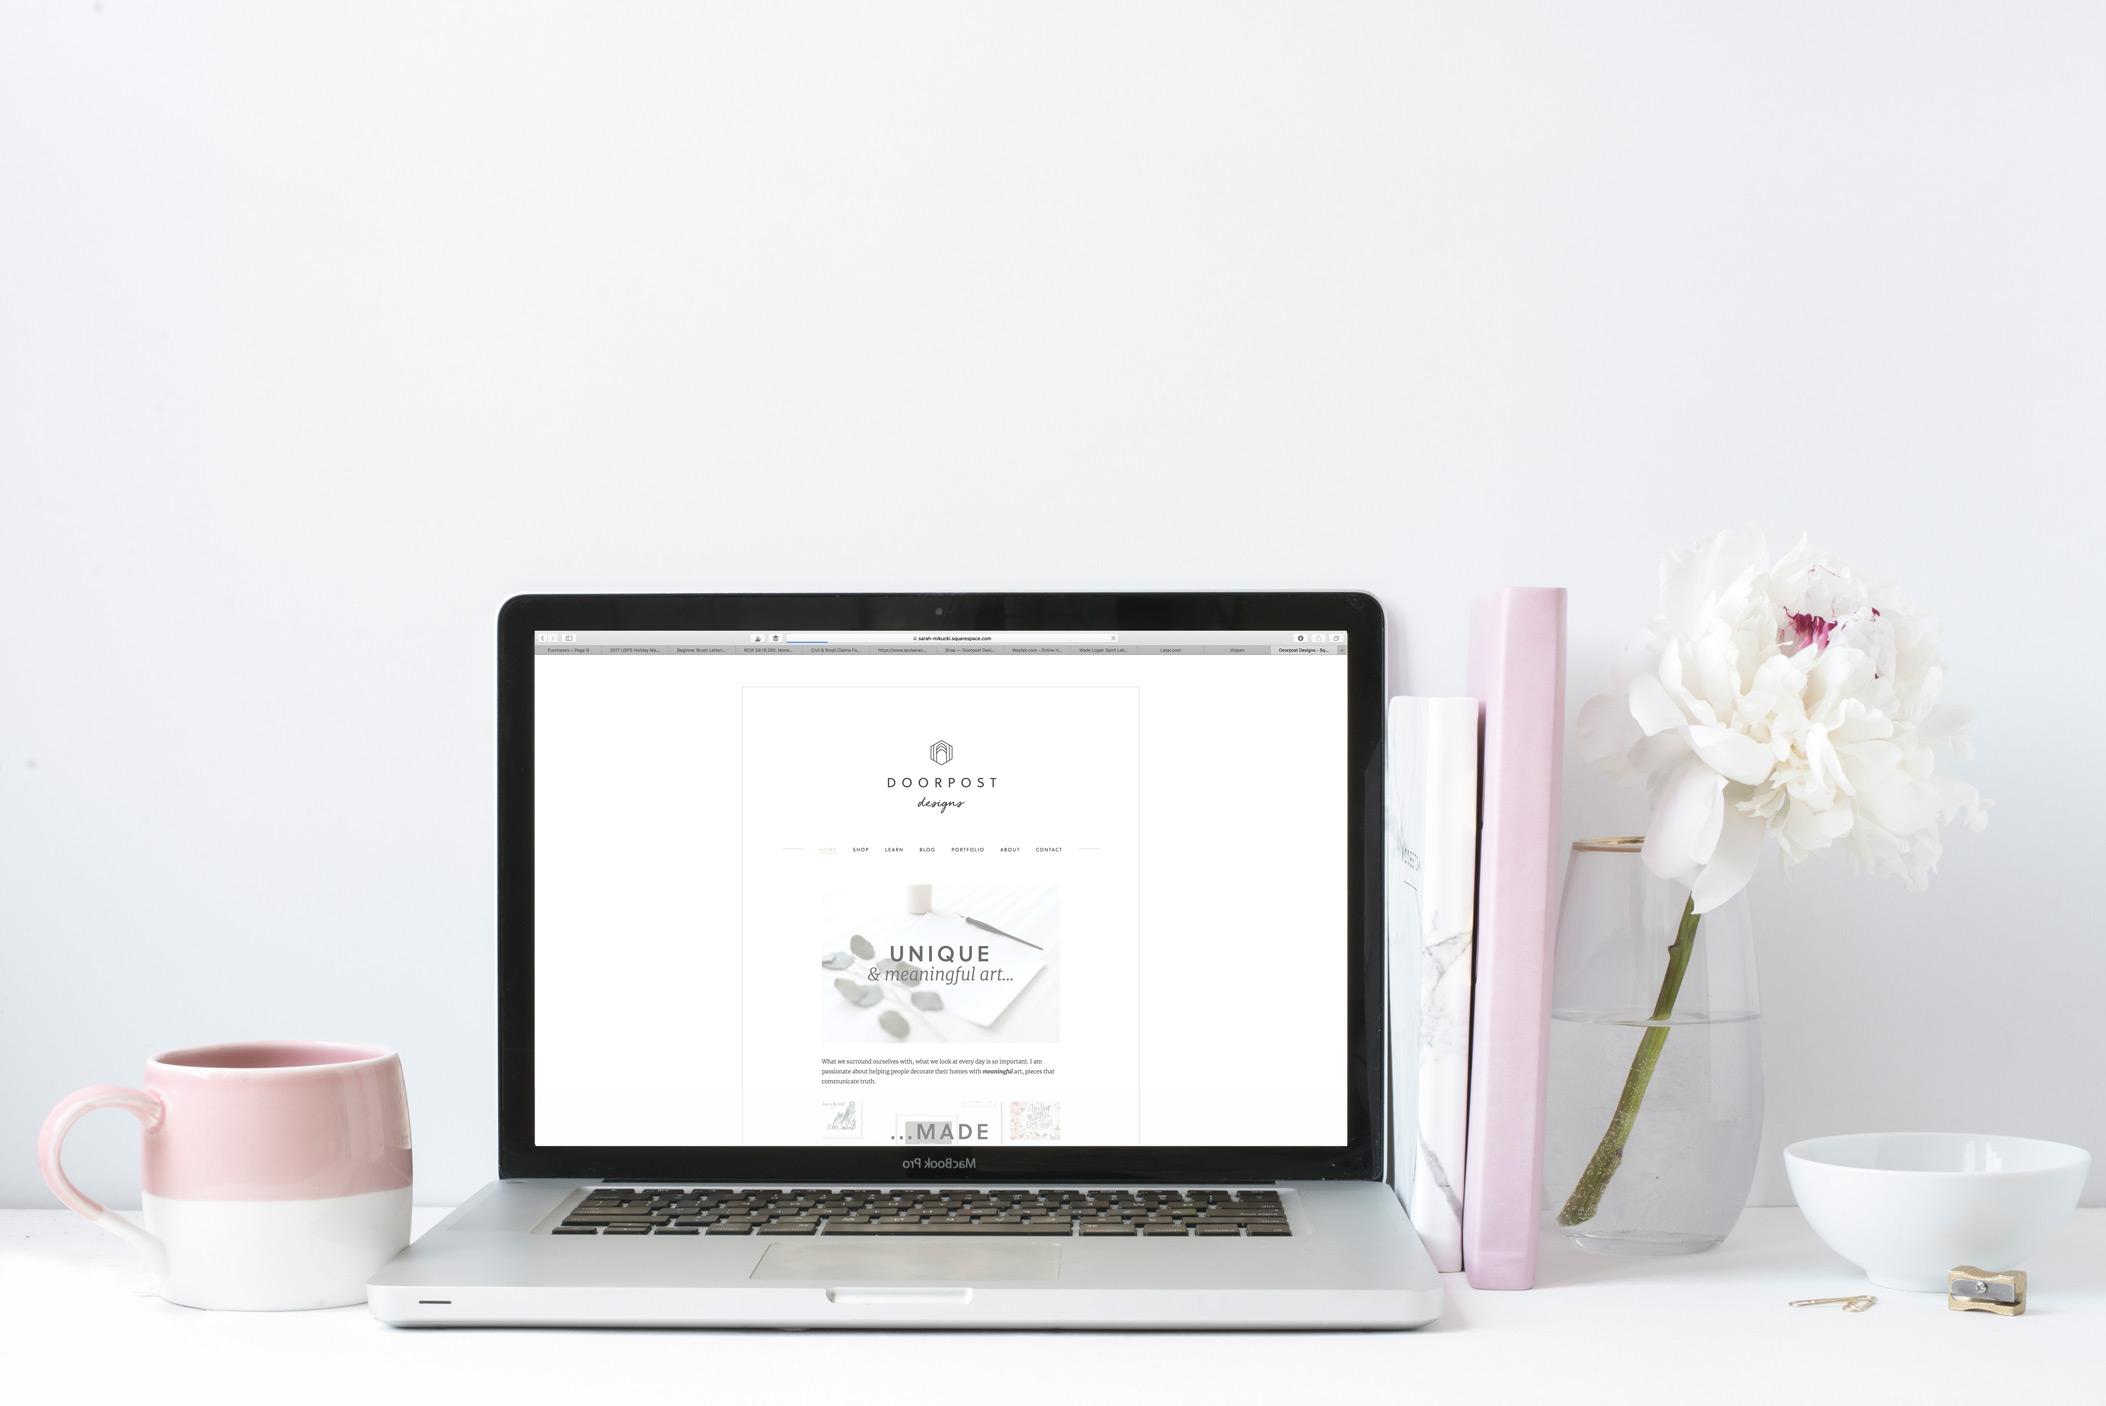 SM2-MRBLE-PNY-laptop-flipped.jpg